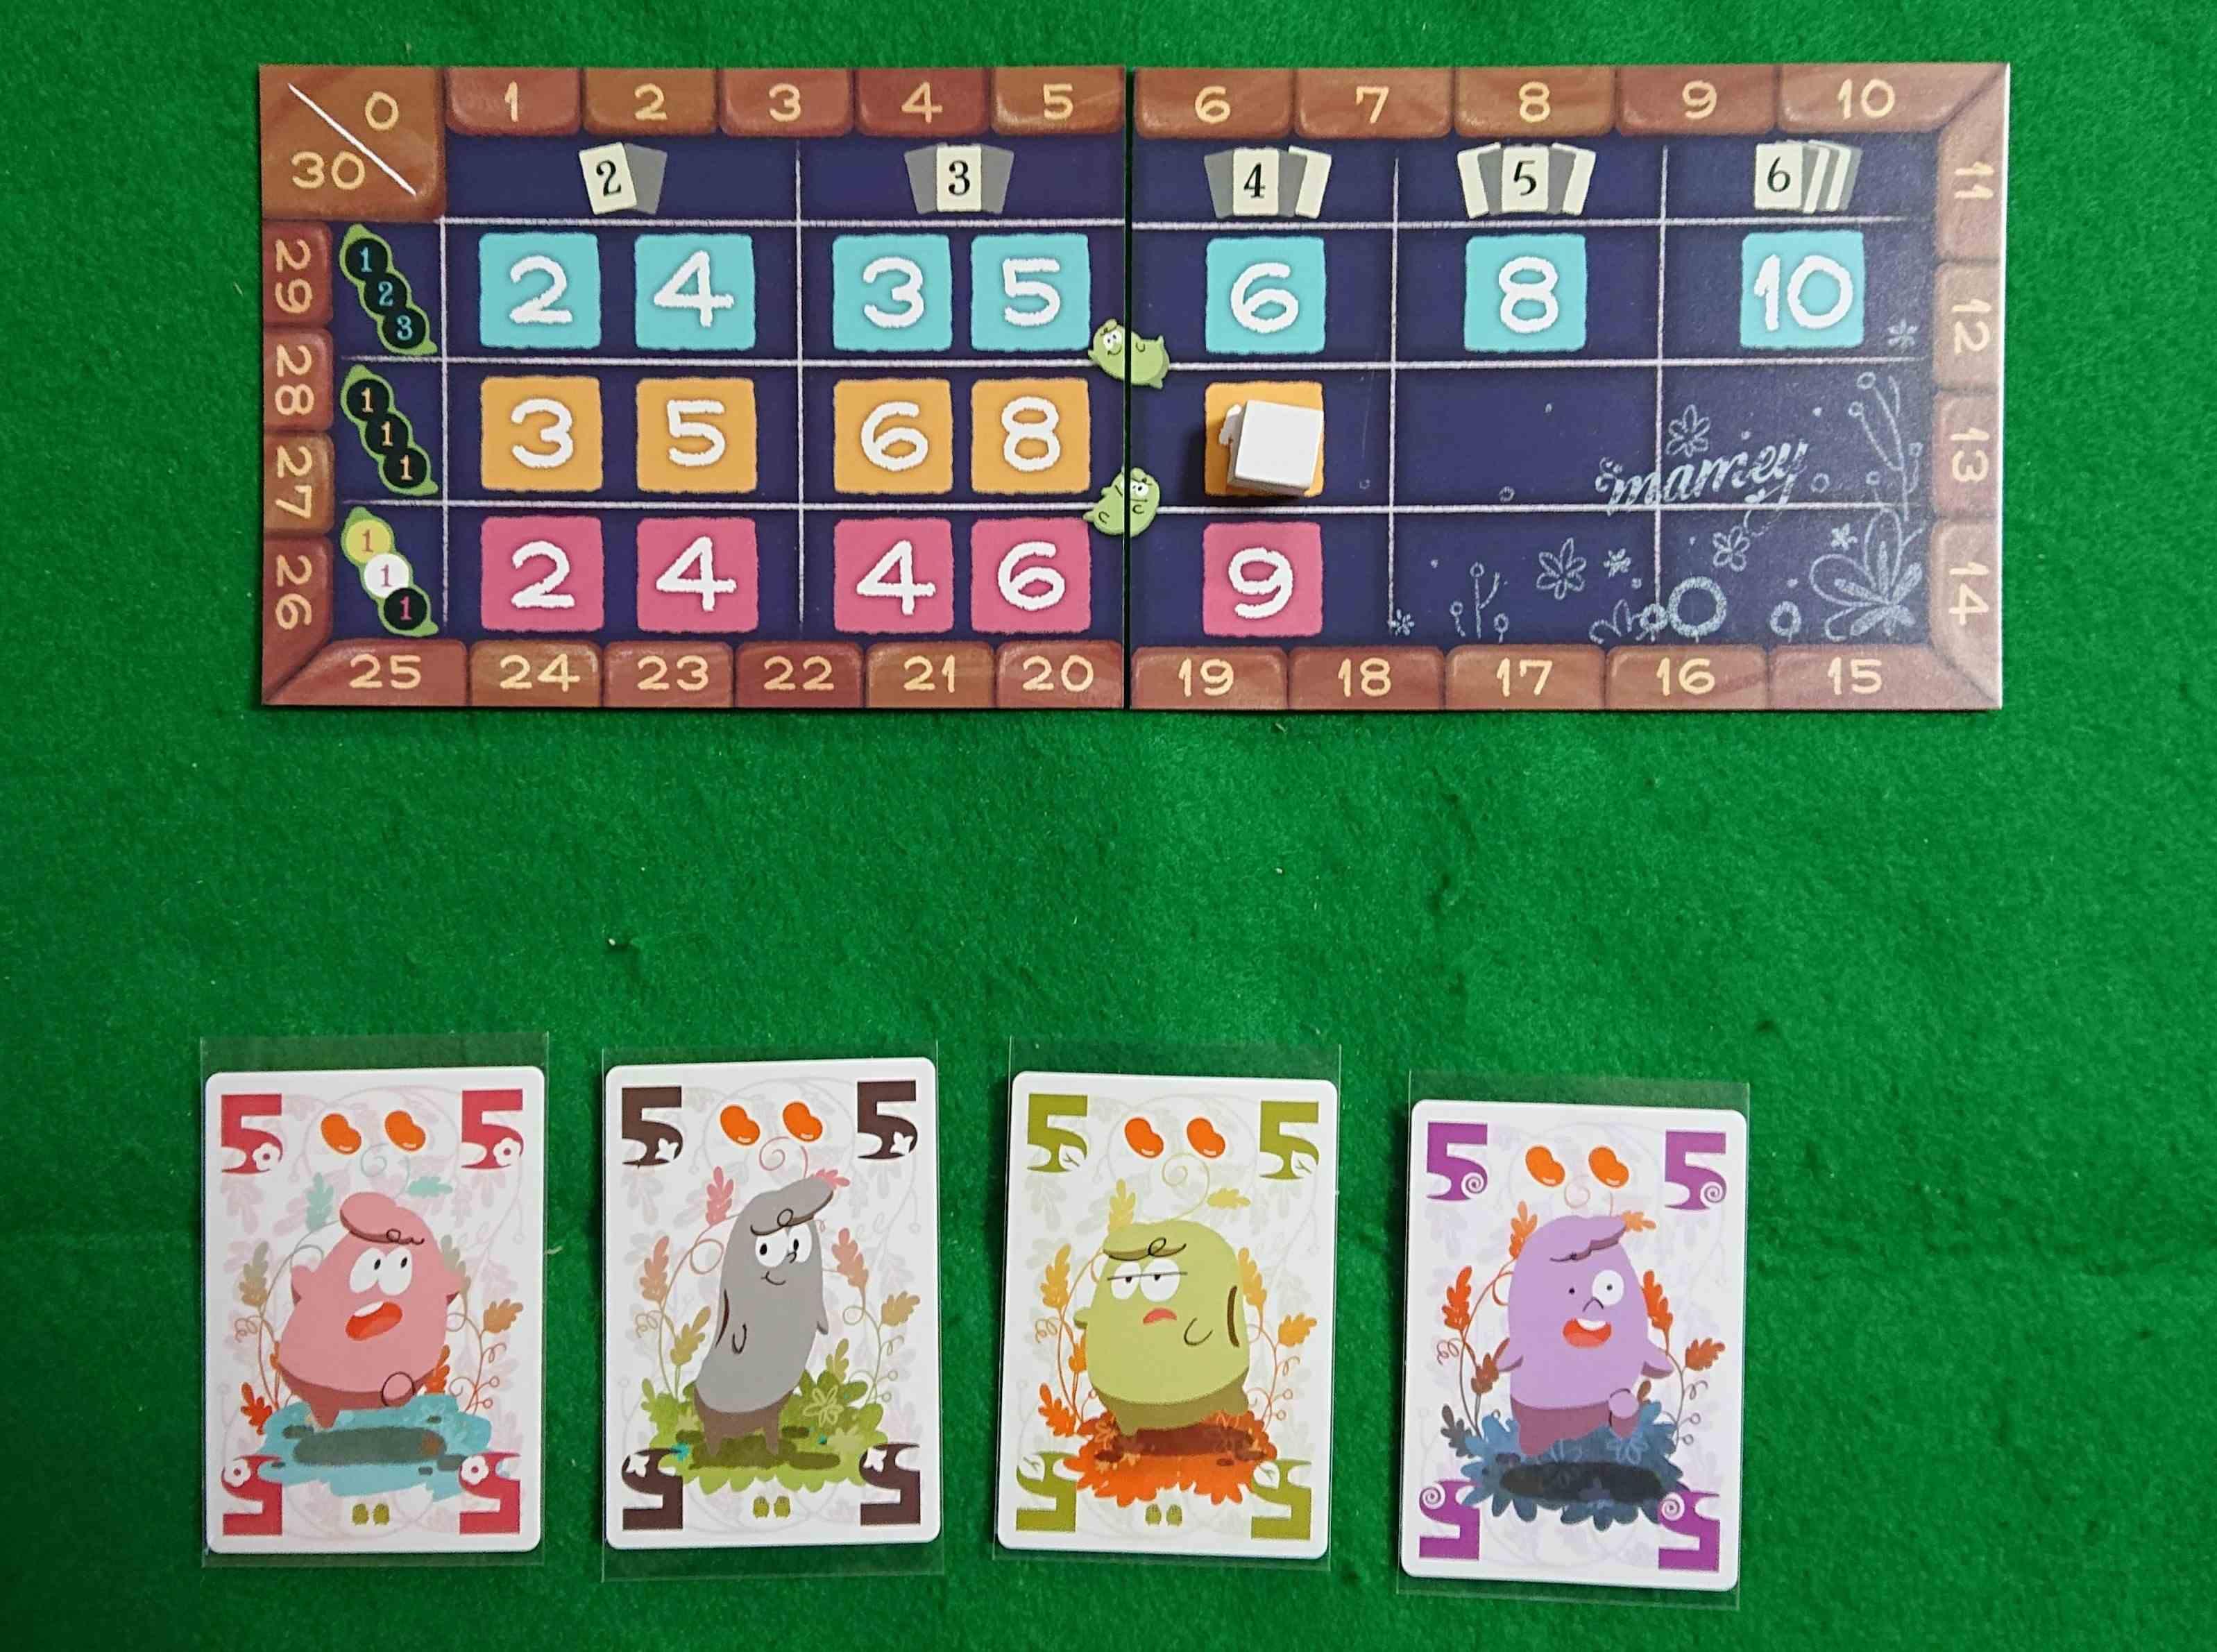 マメィ 豆を収穫して豆を売る! イラストの可愛いセットコレクション系 カードゲーム ボードゲーム